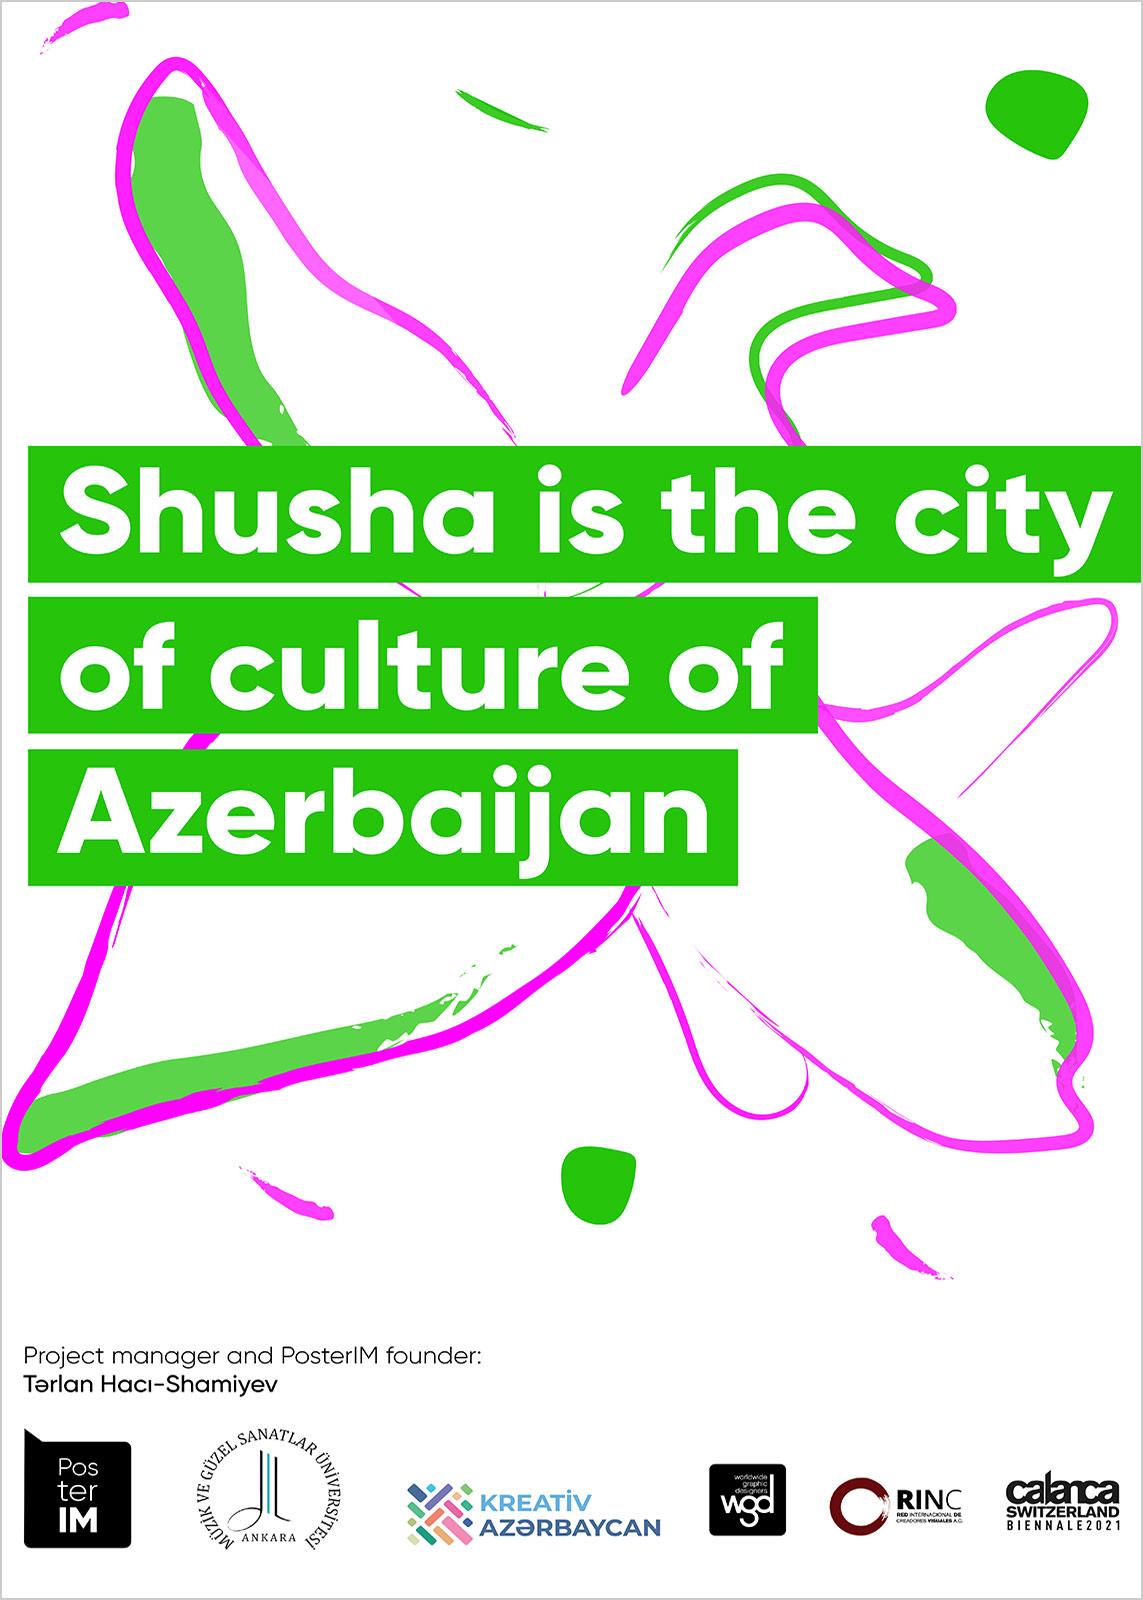 'ŞUŞA AZERBAYCAN'IN KÜLTÜR ŞEHRİDİR' JÜRİLİ ULUSLARARASI AFİŞ SERGİSİ AFİŞİ